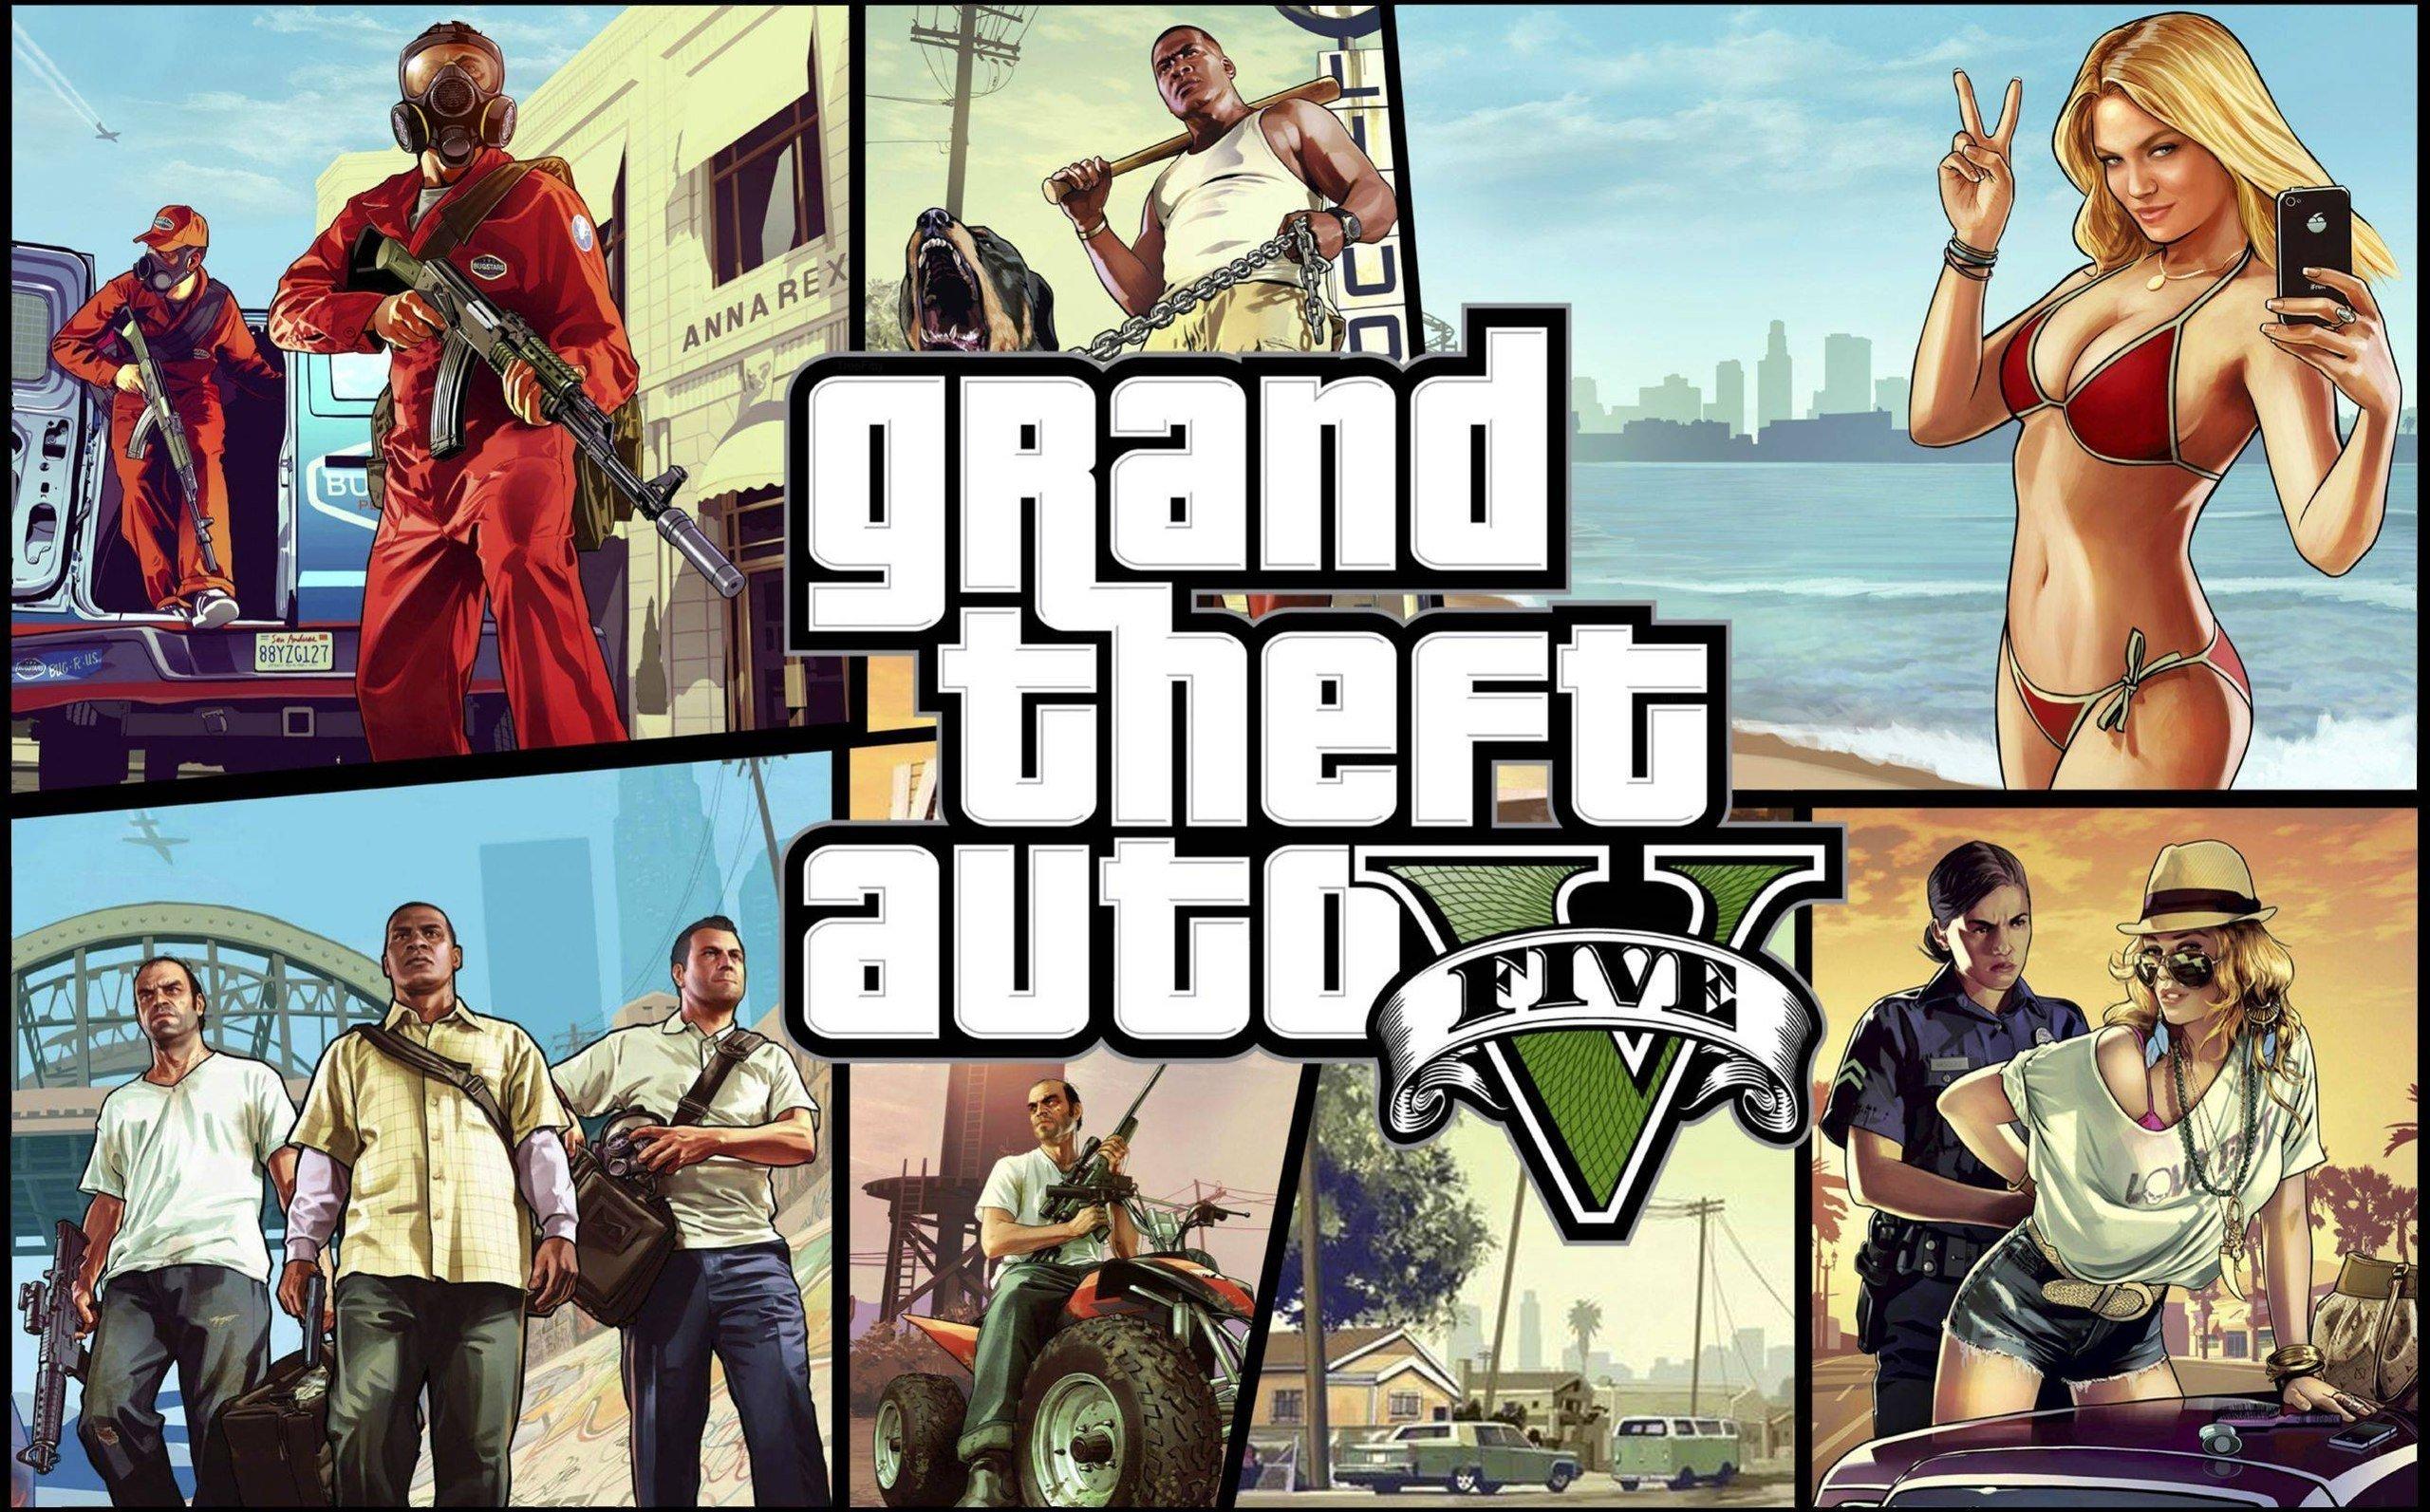 Grand Theft Auto V продолжает бить рекорды - за первую неделю продаж было реализовано более 16 миллионов копий игры  .... - Изображение 1